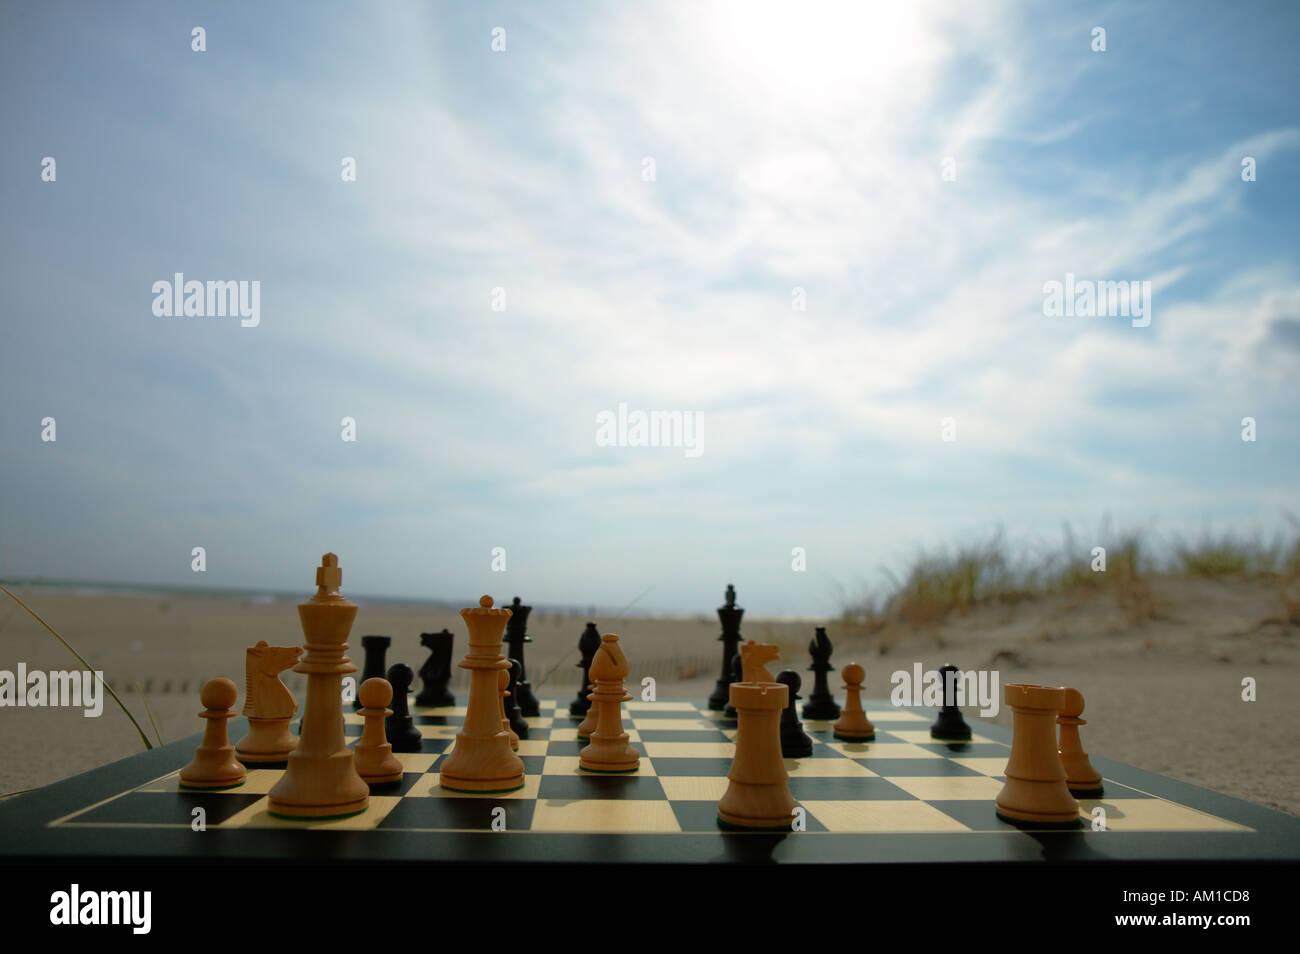 La guerra. Concetto di immagine. Partita scacchi a personaggi viventi Immagini Stock